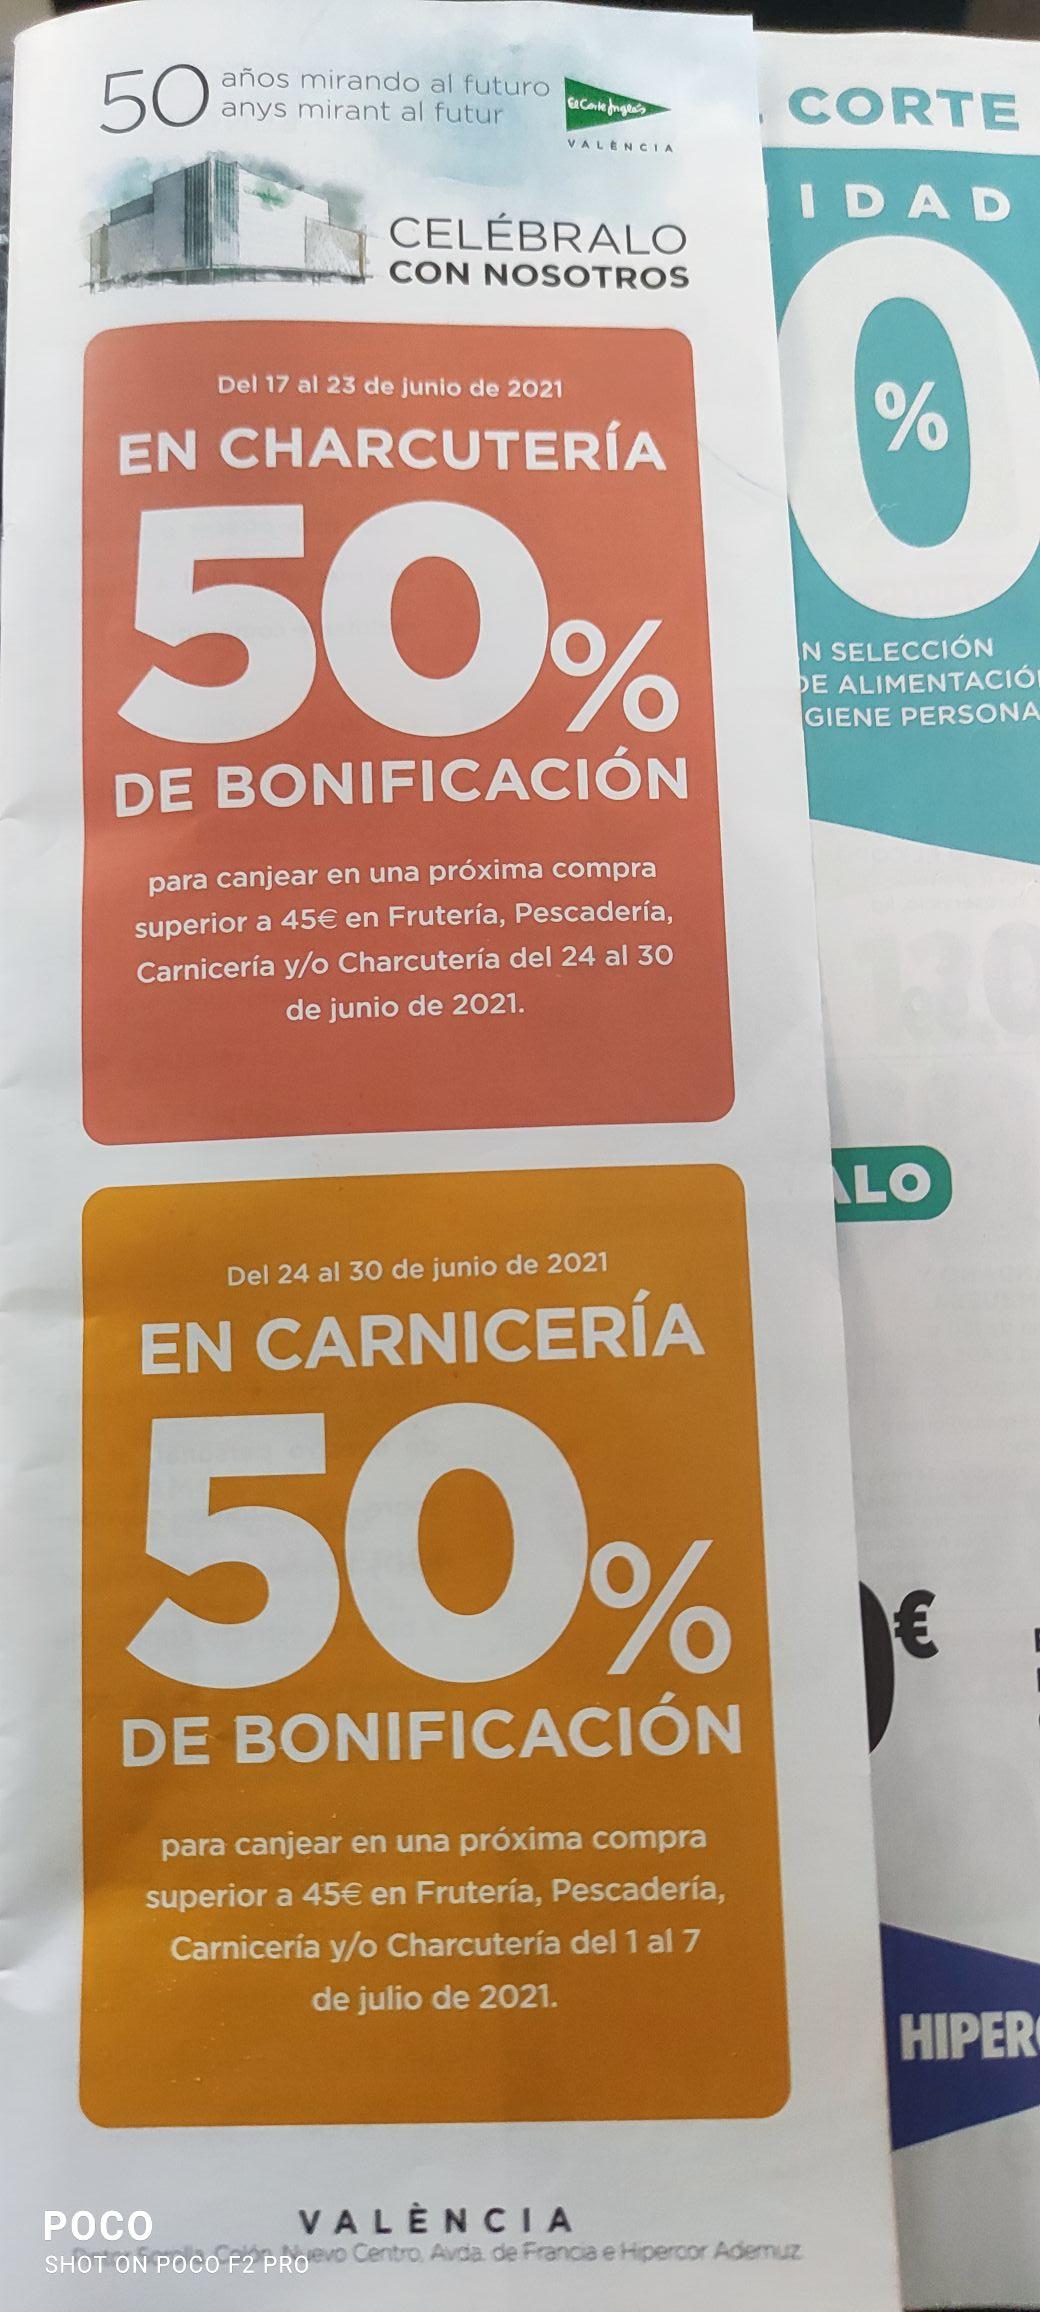 50% Bonificación en Charcutería en Hipercor y ECI (Valencia) por 50 aniversario